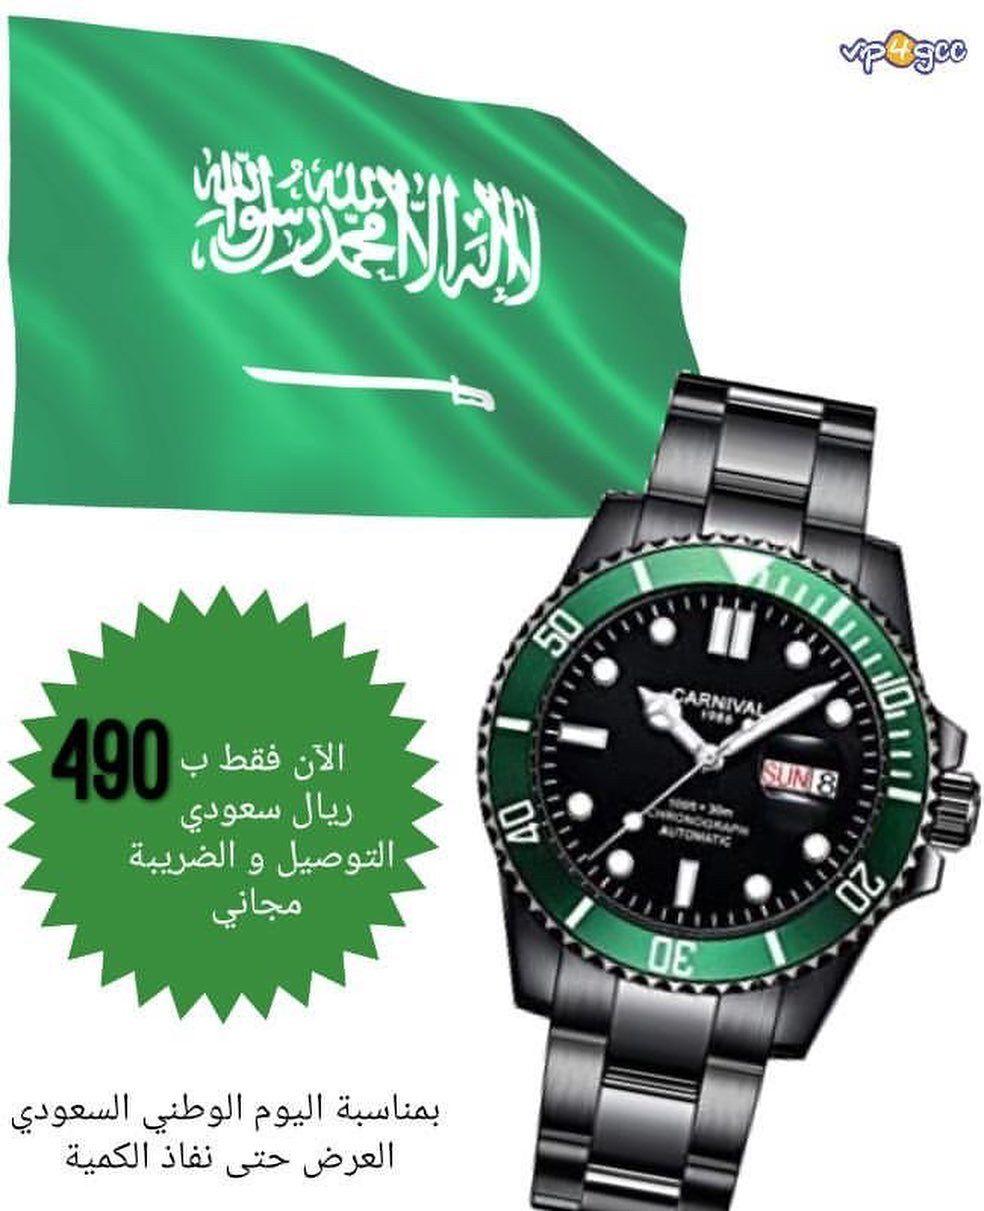 يتقدم متجرنا بأسمى التهاني للوطن و الشعب السعودي بمناسبة اليوم الوطني السعودي ال90 تبتدأ عروضنا من اليوم بهذي المناسبة ال In 2020 Rolex Watches Carnival Bags